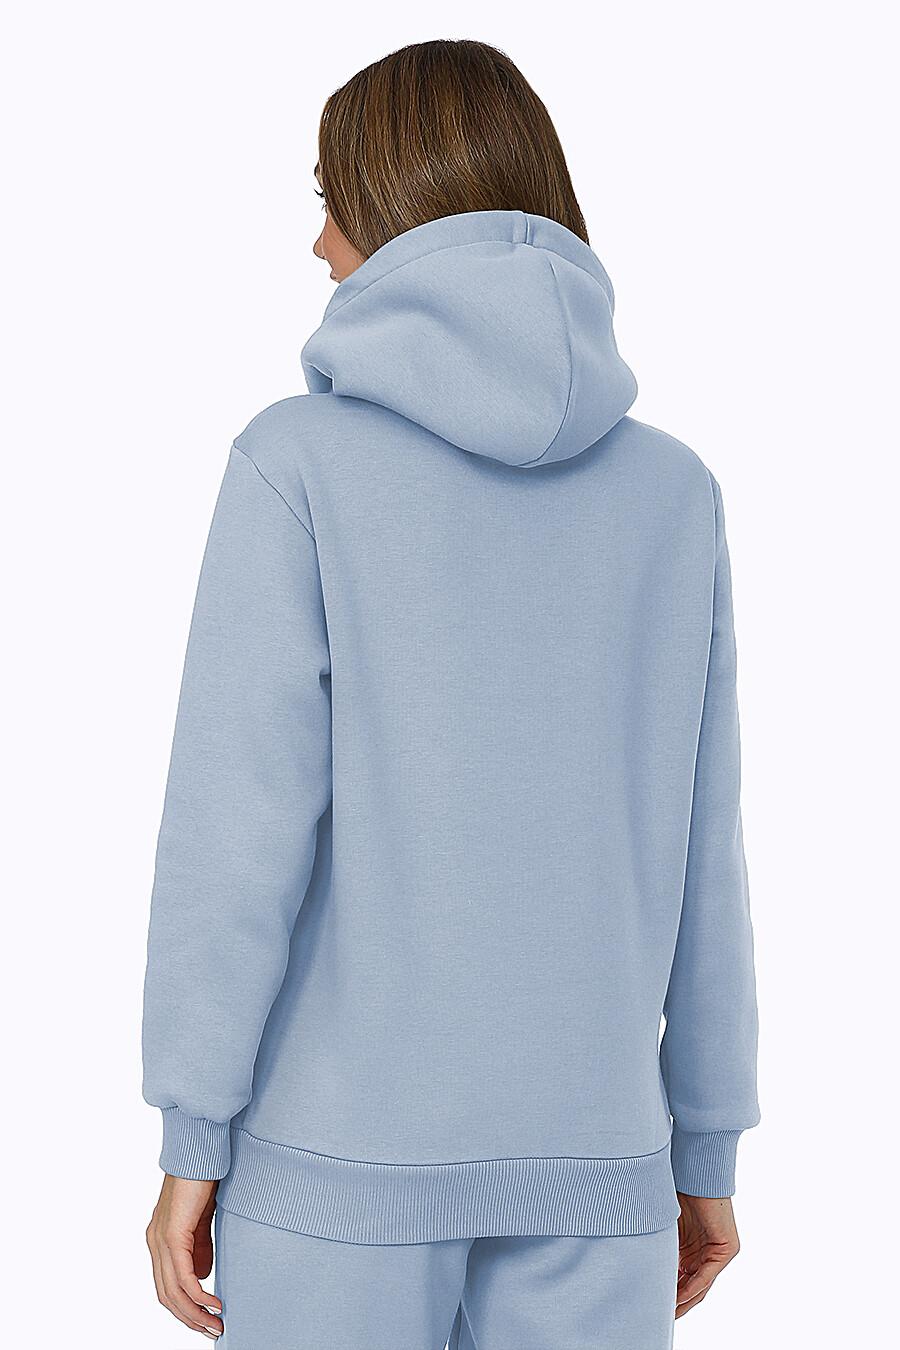 Худи для женщин EZANNA 707894 купить оптом от производителя. Совместная покупка женской одежды в OptMoyo